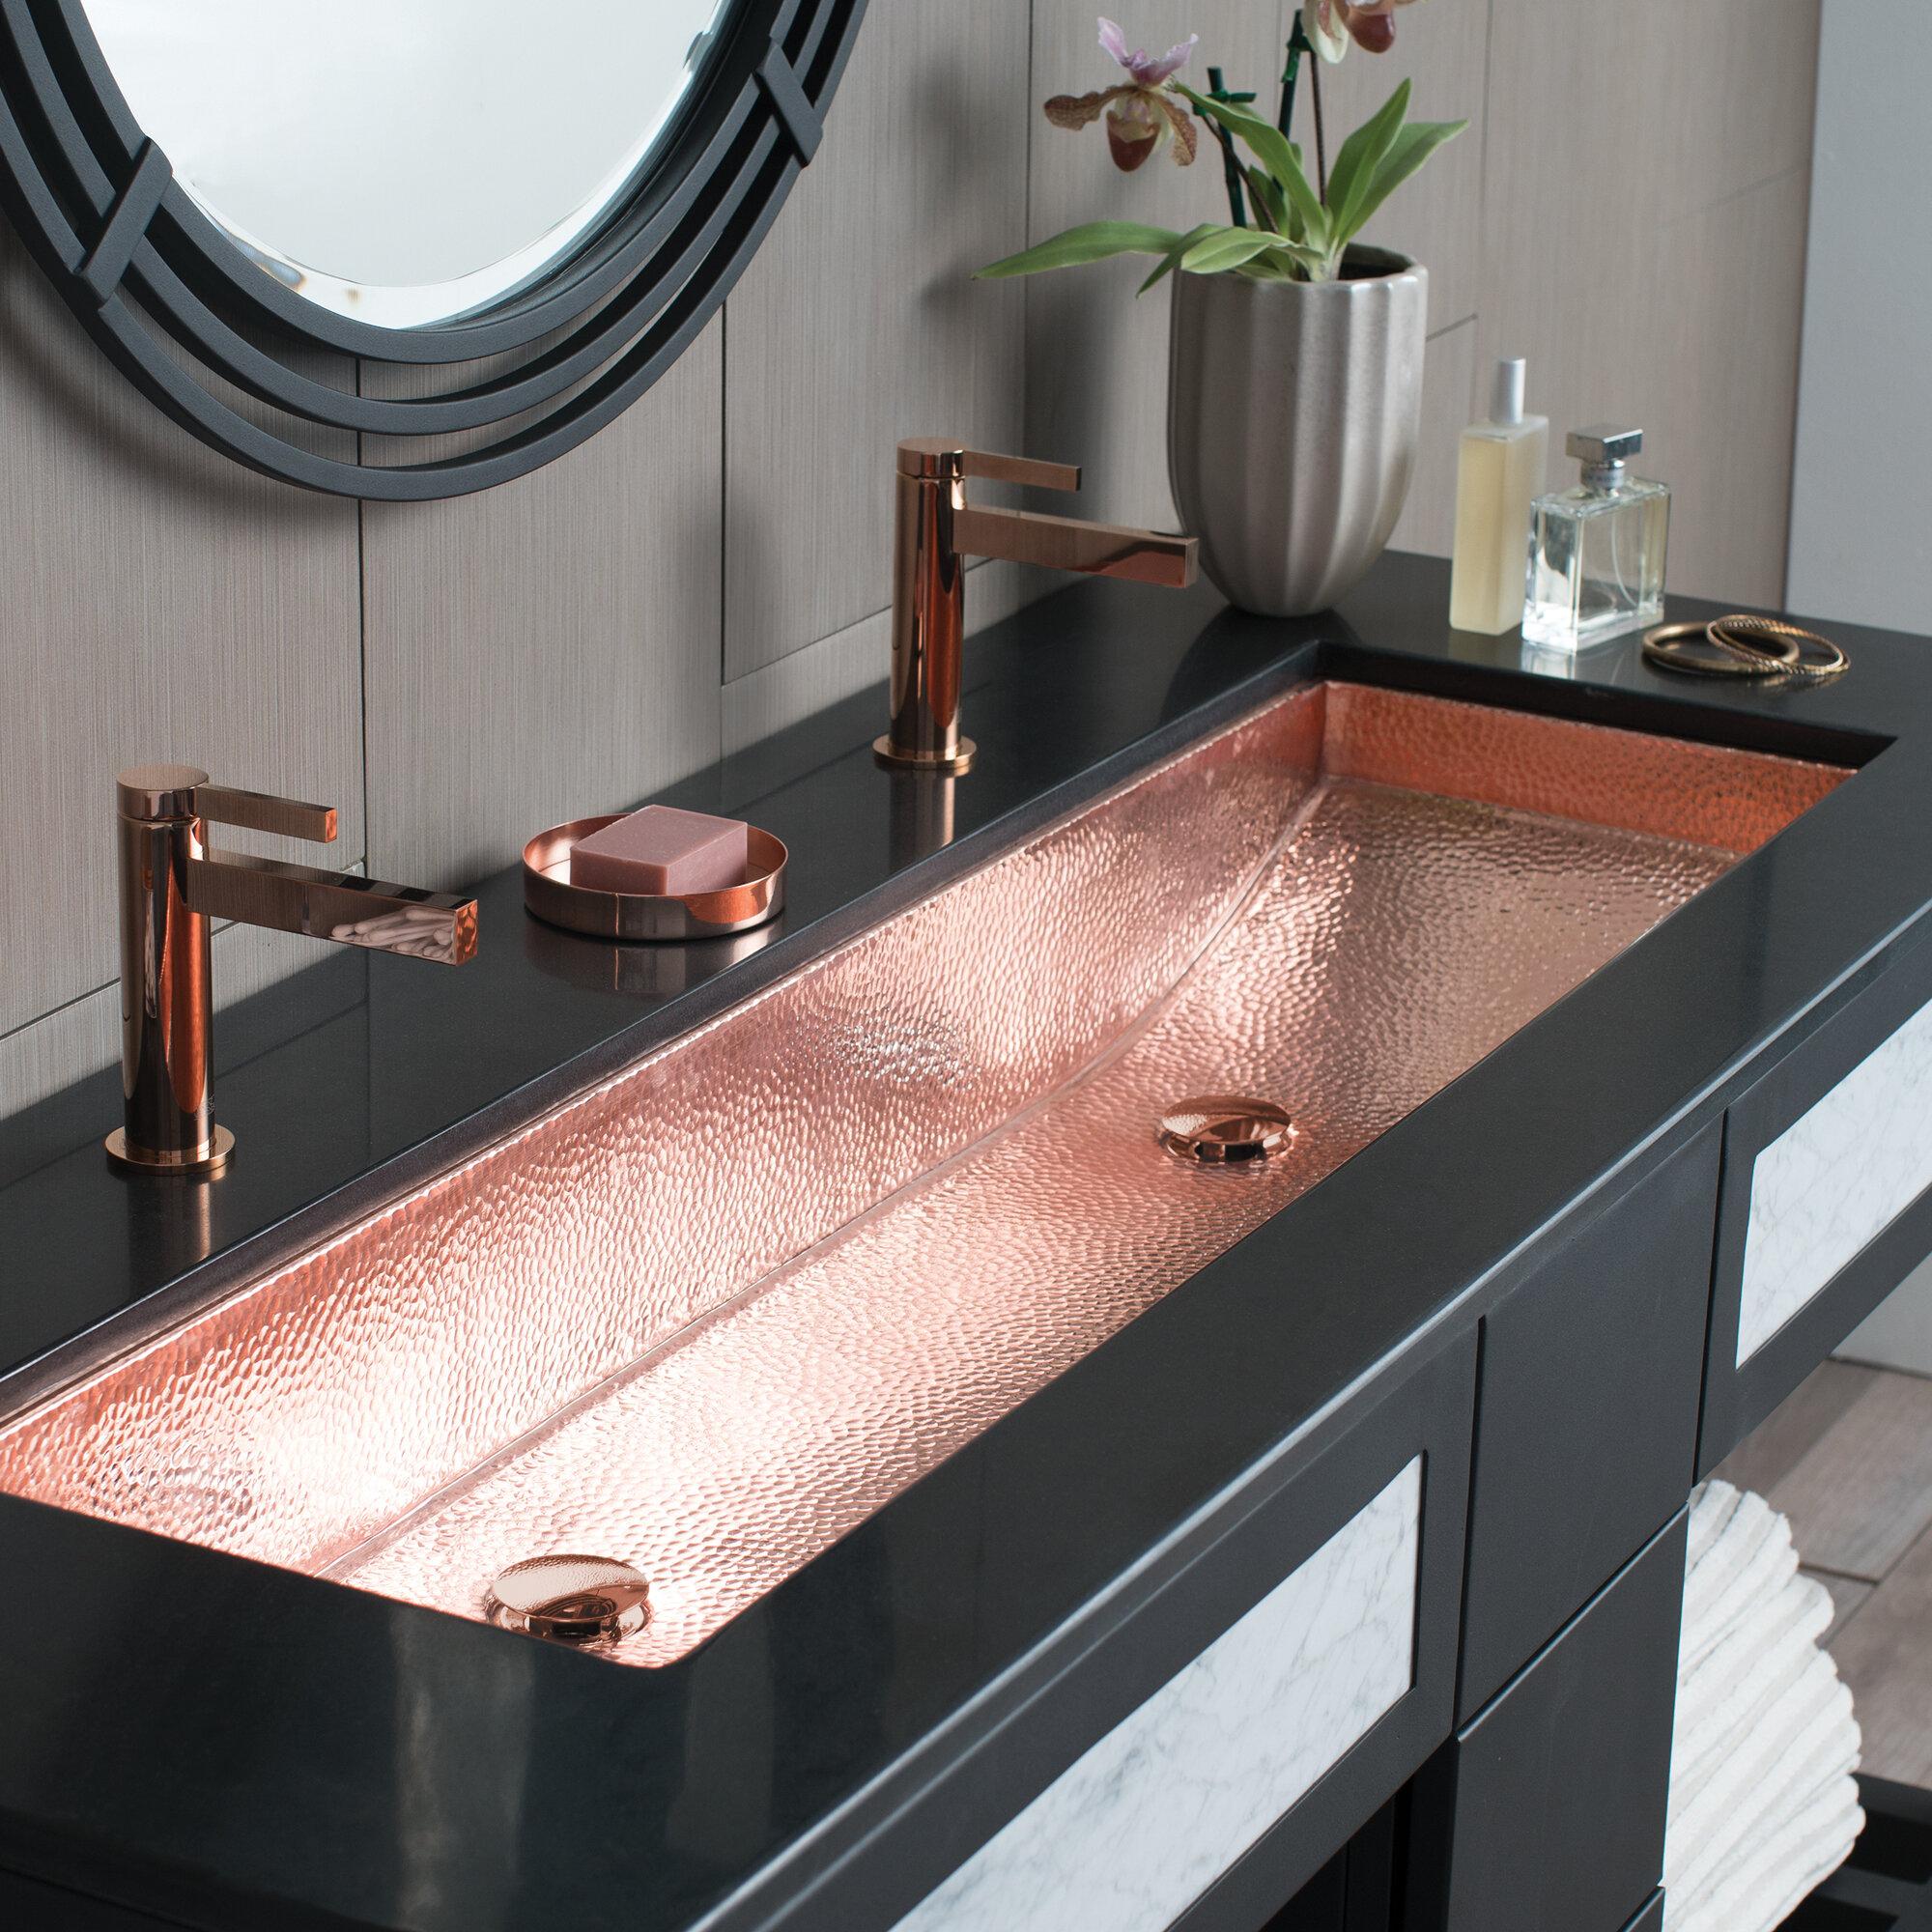 Trough Metal 48 Bathroom Sink